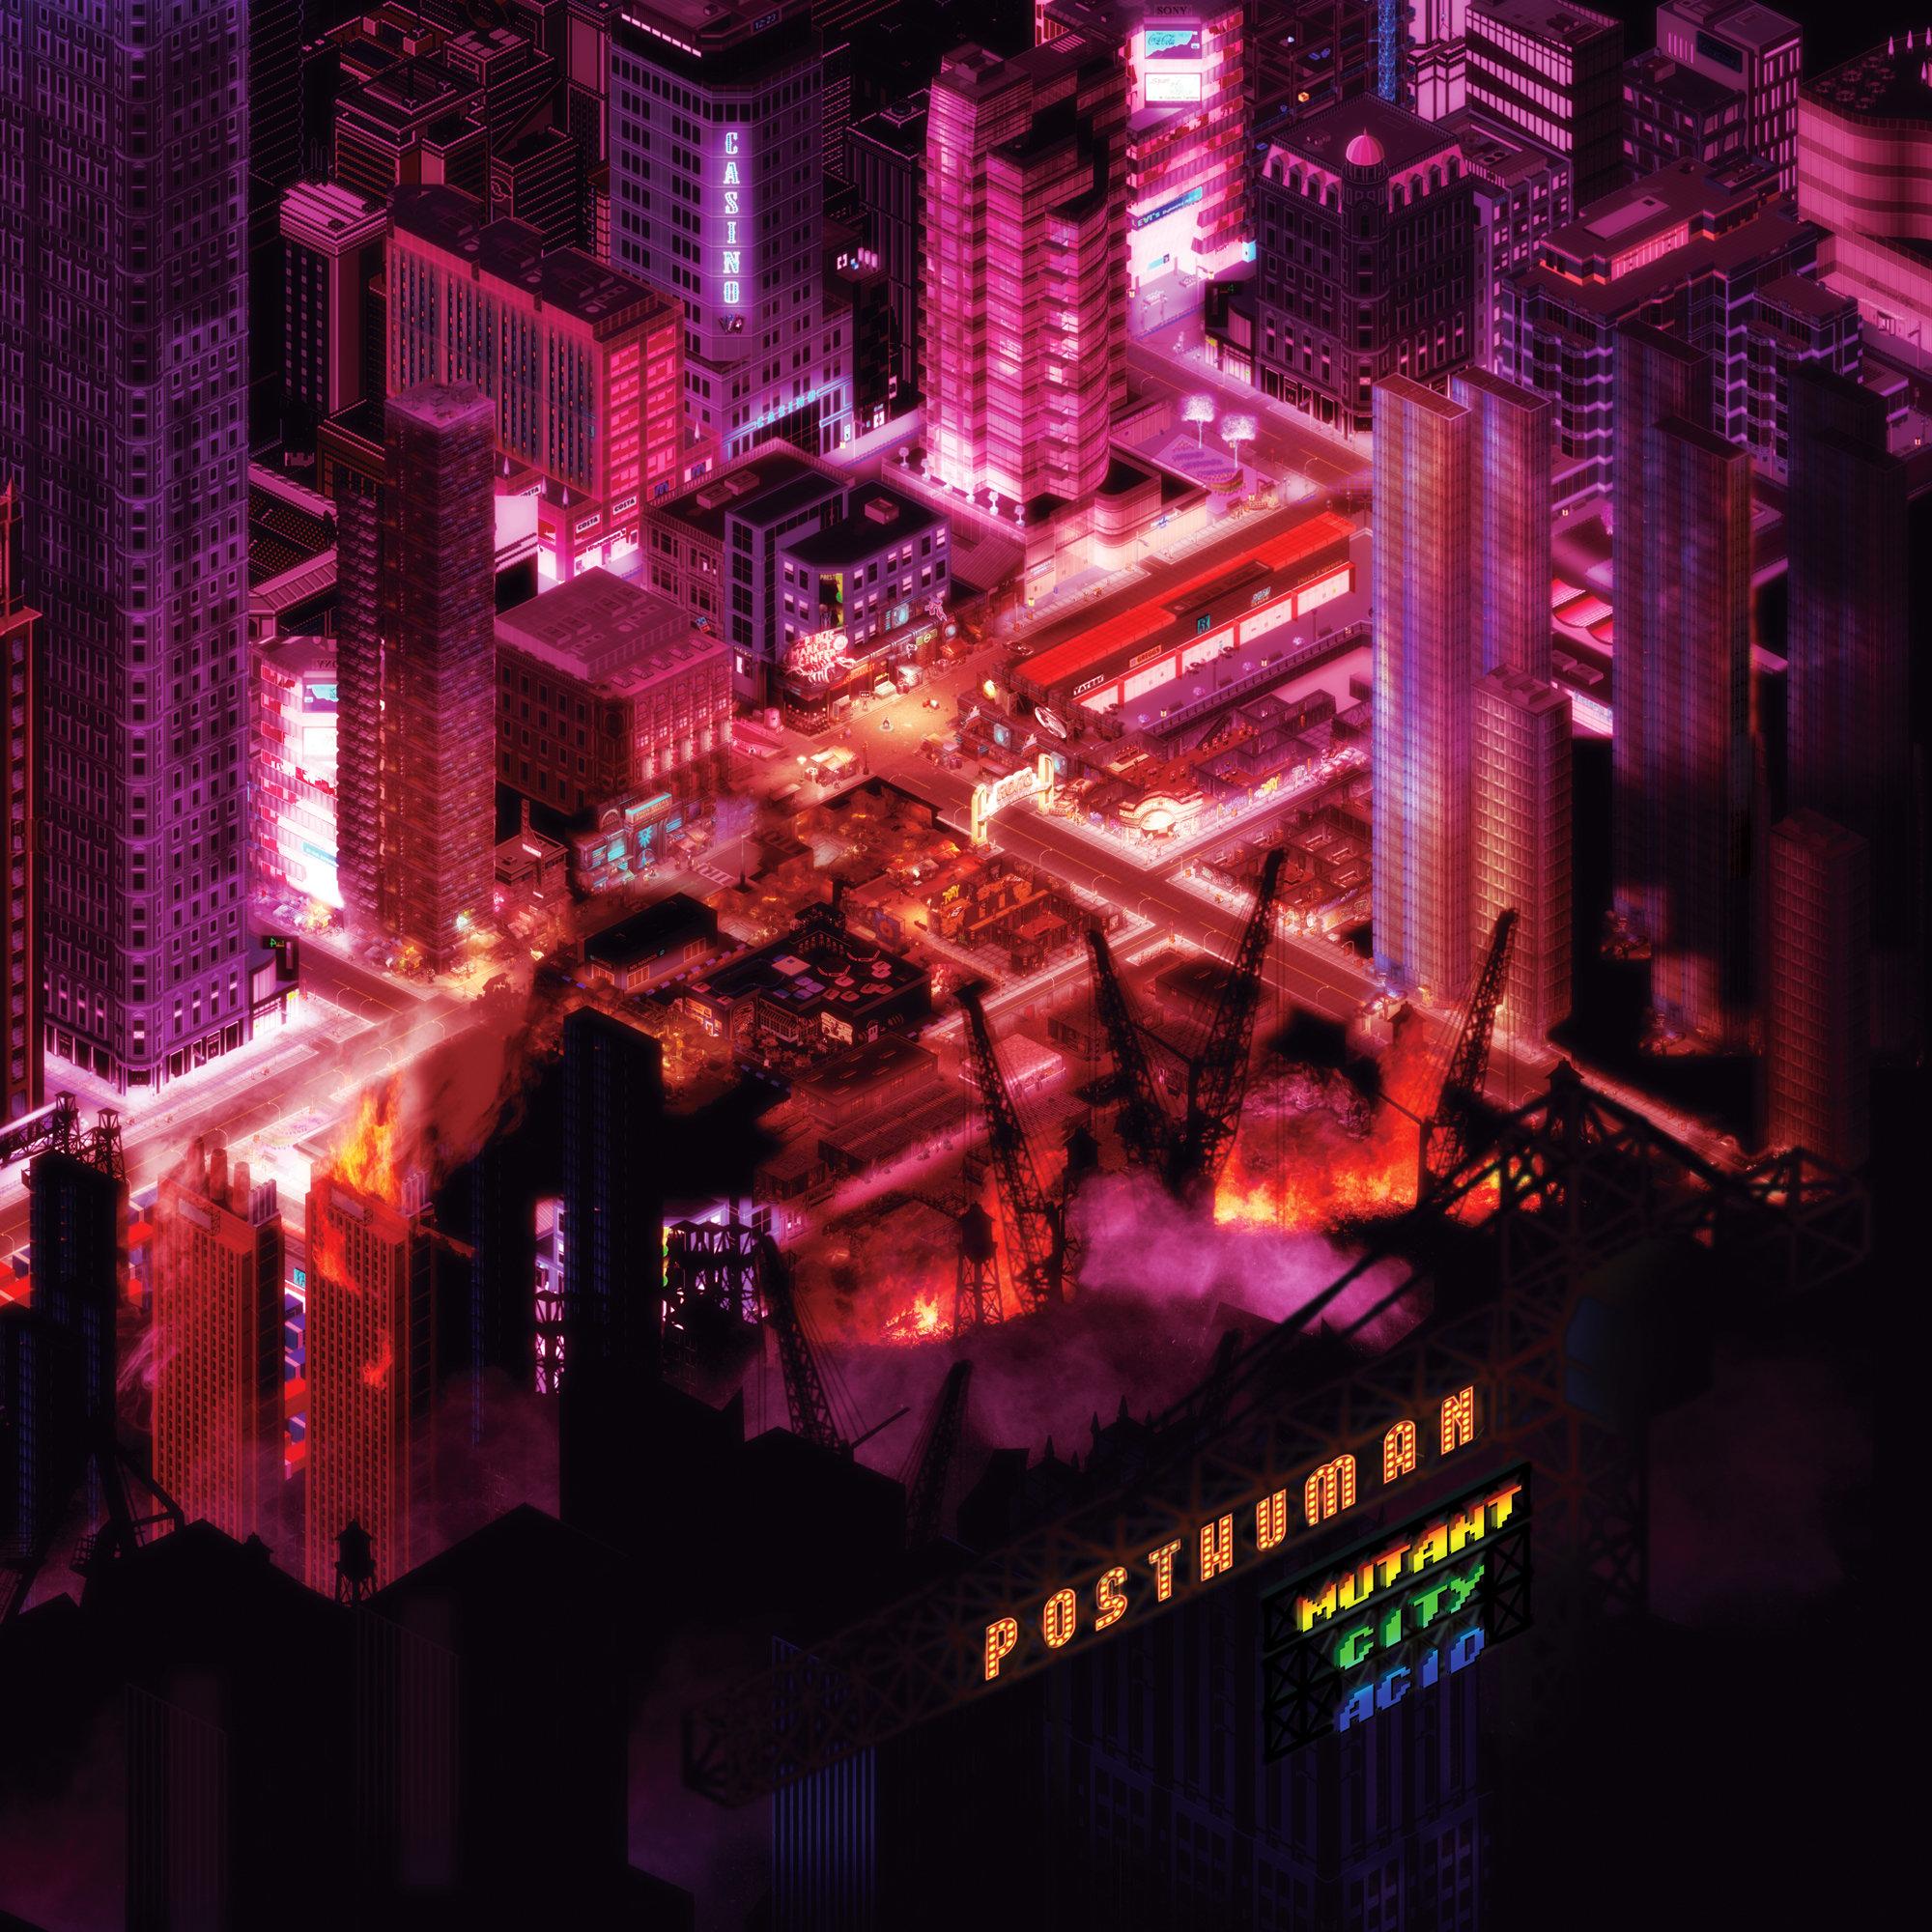 Posthuman/MUTANT CITY ACID DLP